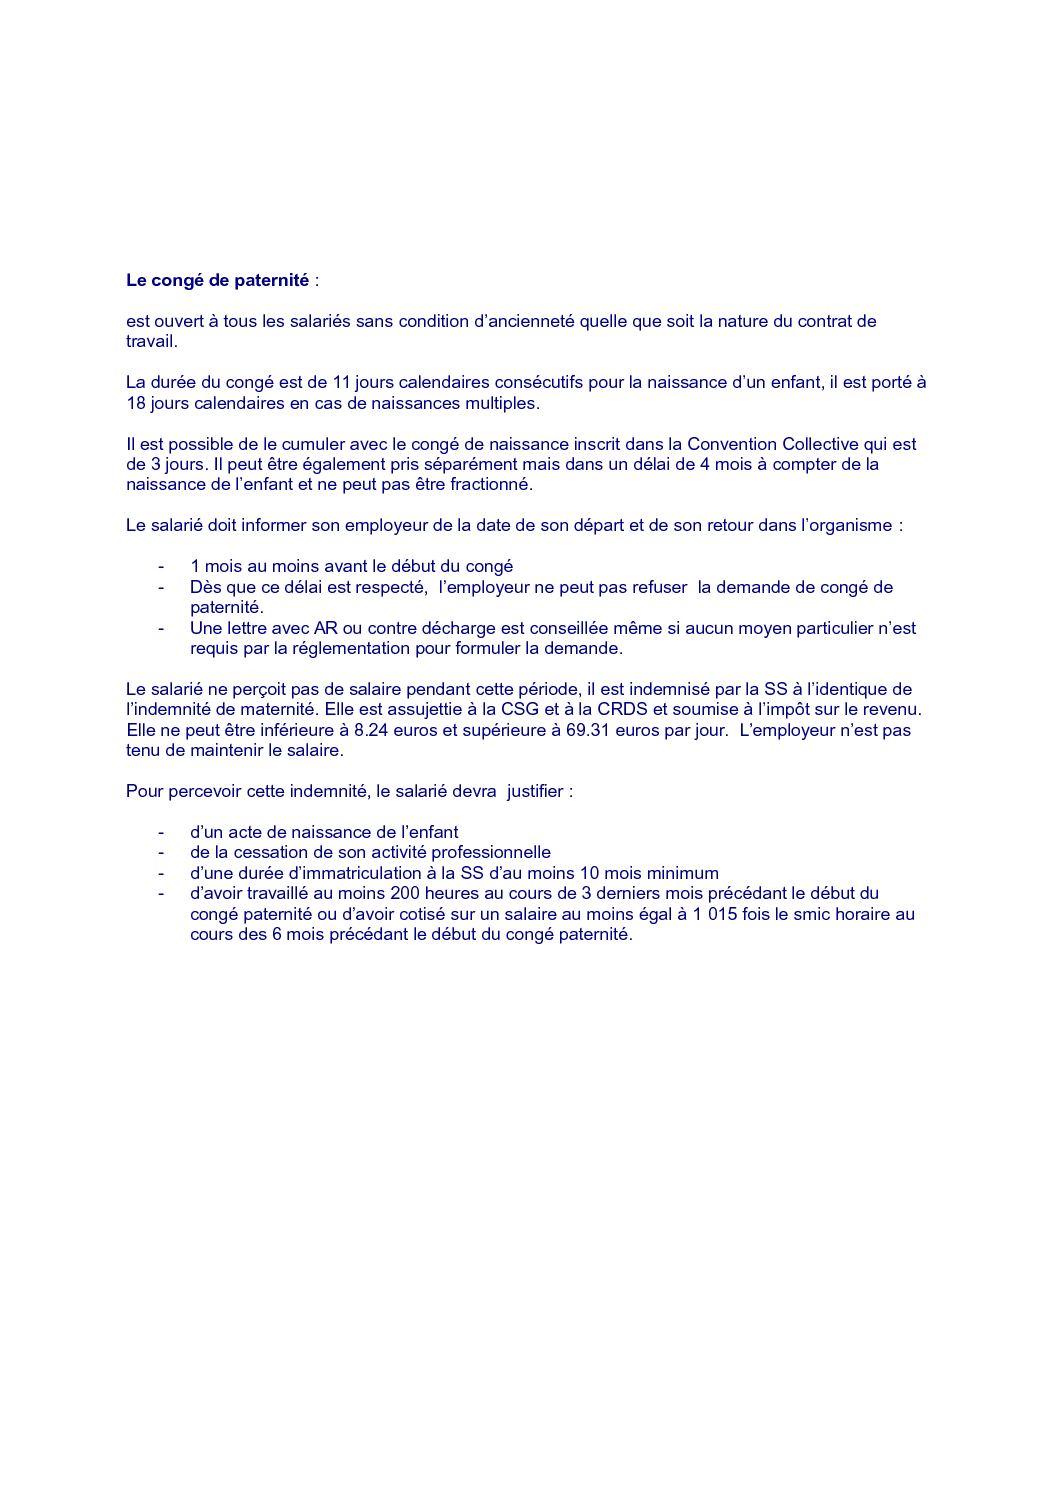 Exemple Lettre Demande De Congé Paternité 11 Jours - Le Meilleur Exemple